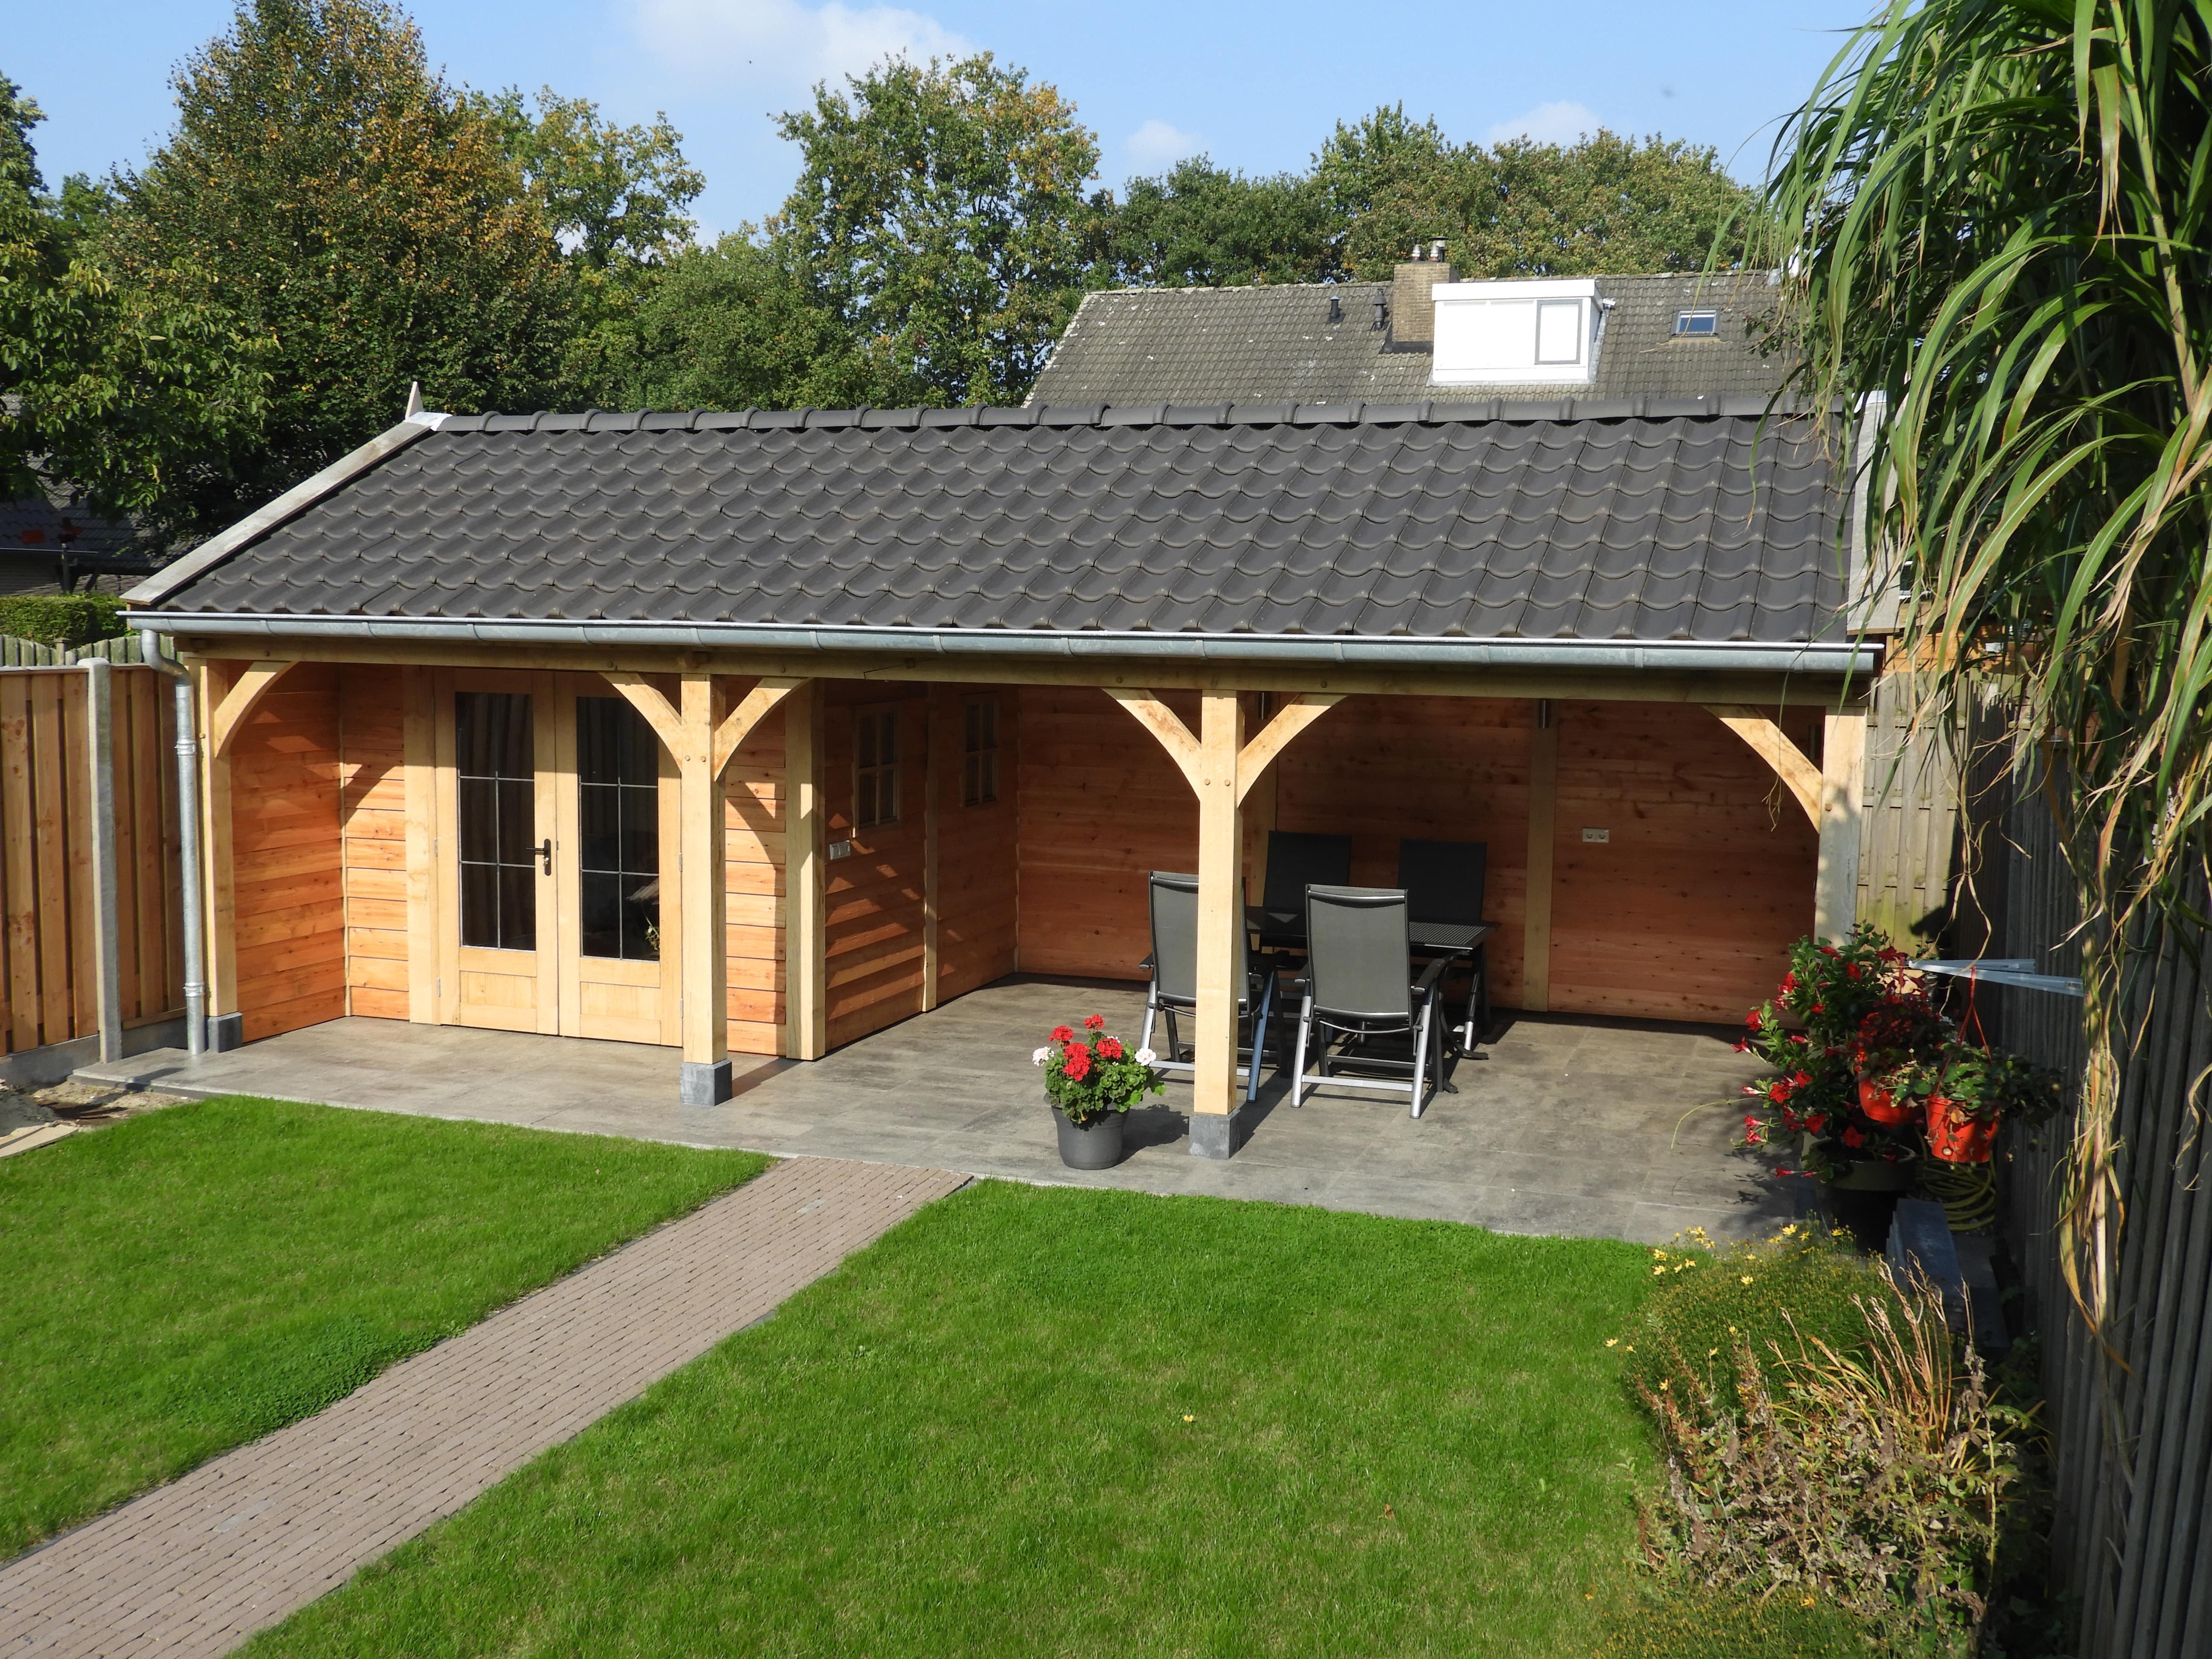 houten-tuinhuis-met-veranda-2-min - project Marienberg